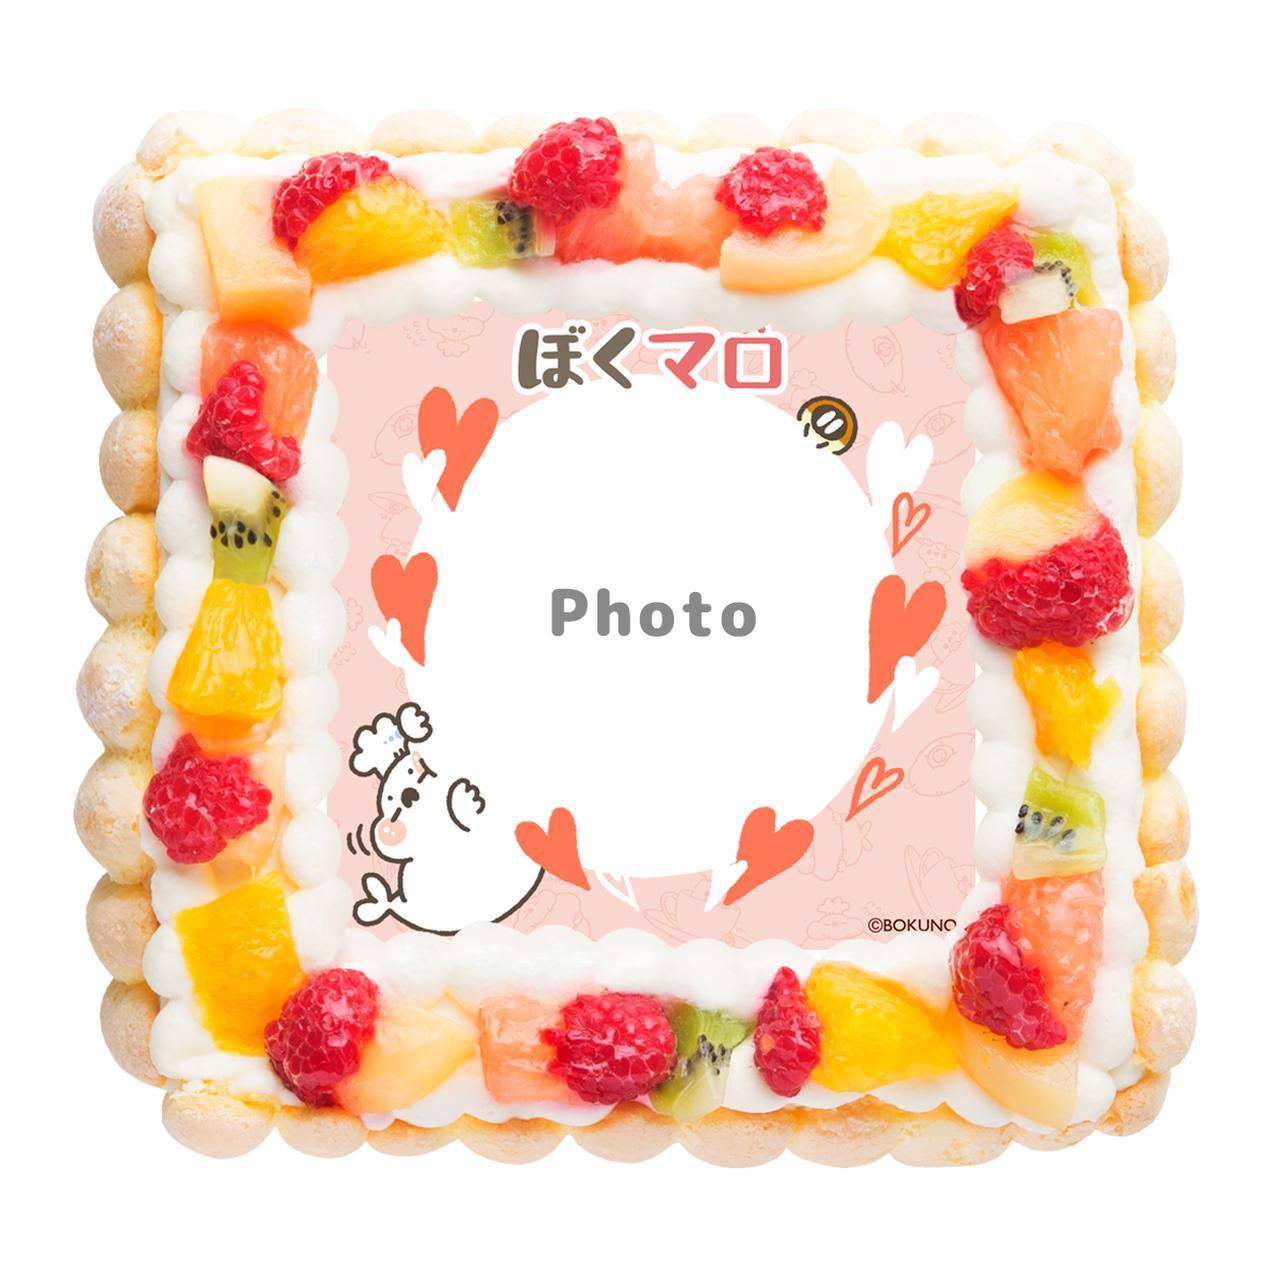 画像6: マシュマロアザラシ「マロくん」がケーキに!